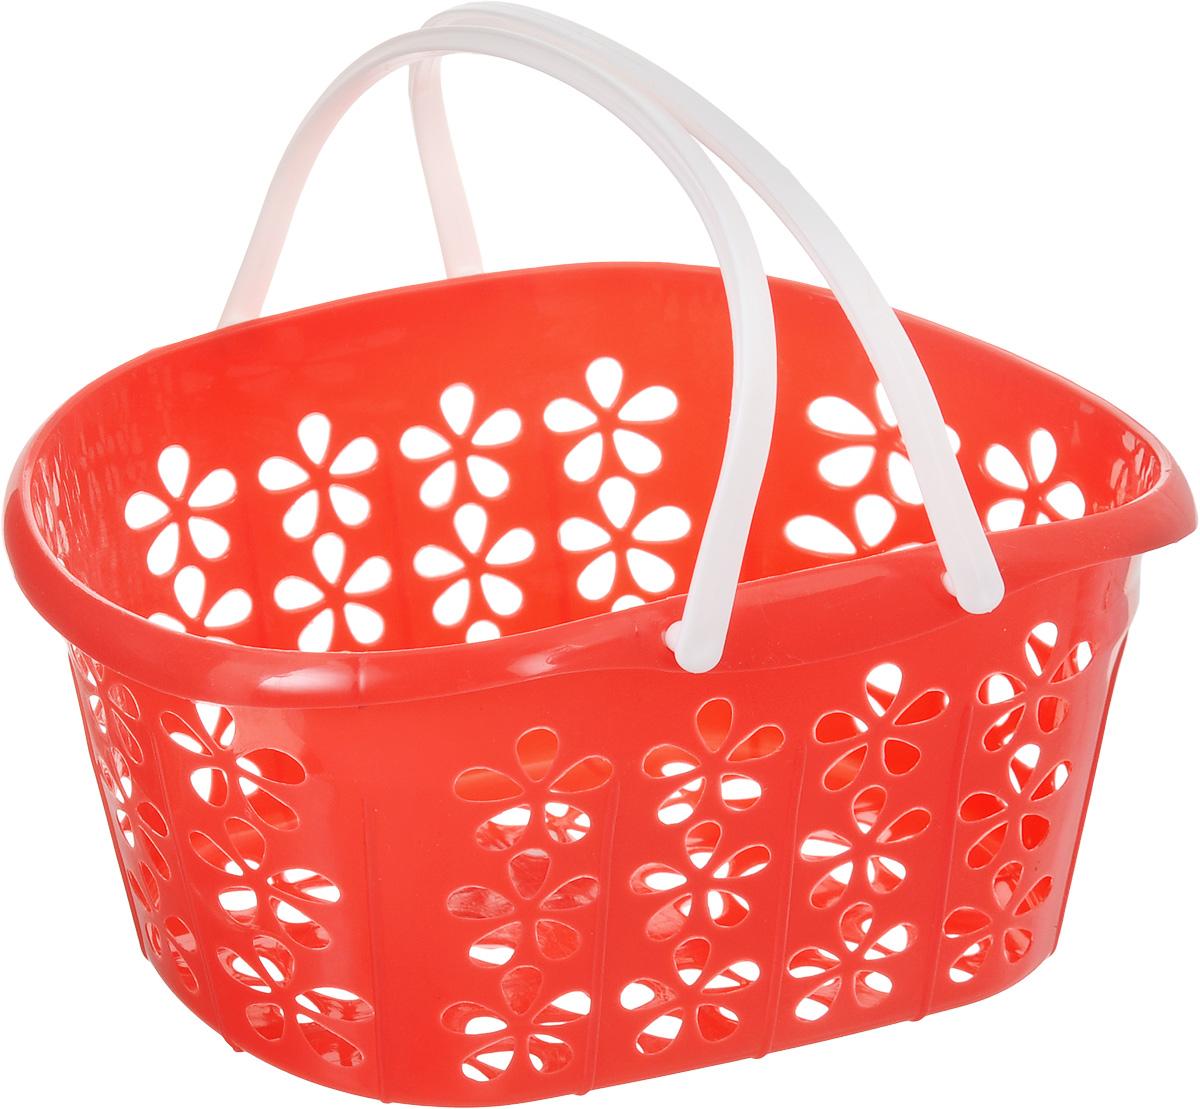 Корзинка Sima-land, с ручками, цвет: красный, 22,5 х 16,5 х 12 см139077_красныйКорзинка Sima-land, изготовленная из высококачественного прочного пластика,предназначена для хранения мелочей в ванной, на кухне, даче или гараже. Изделие оснащено двумя удобными складными ручками. Это легкая корзина с сетчатым дном, жесткой кромкой и небольшимиотверстиями позволяет хранить вещи в одном месте, исключая возможность их потери. Сетчатое дно исключает скопление пыли и влаги на дне корзины.